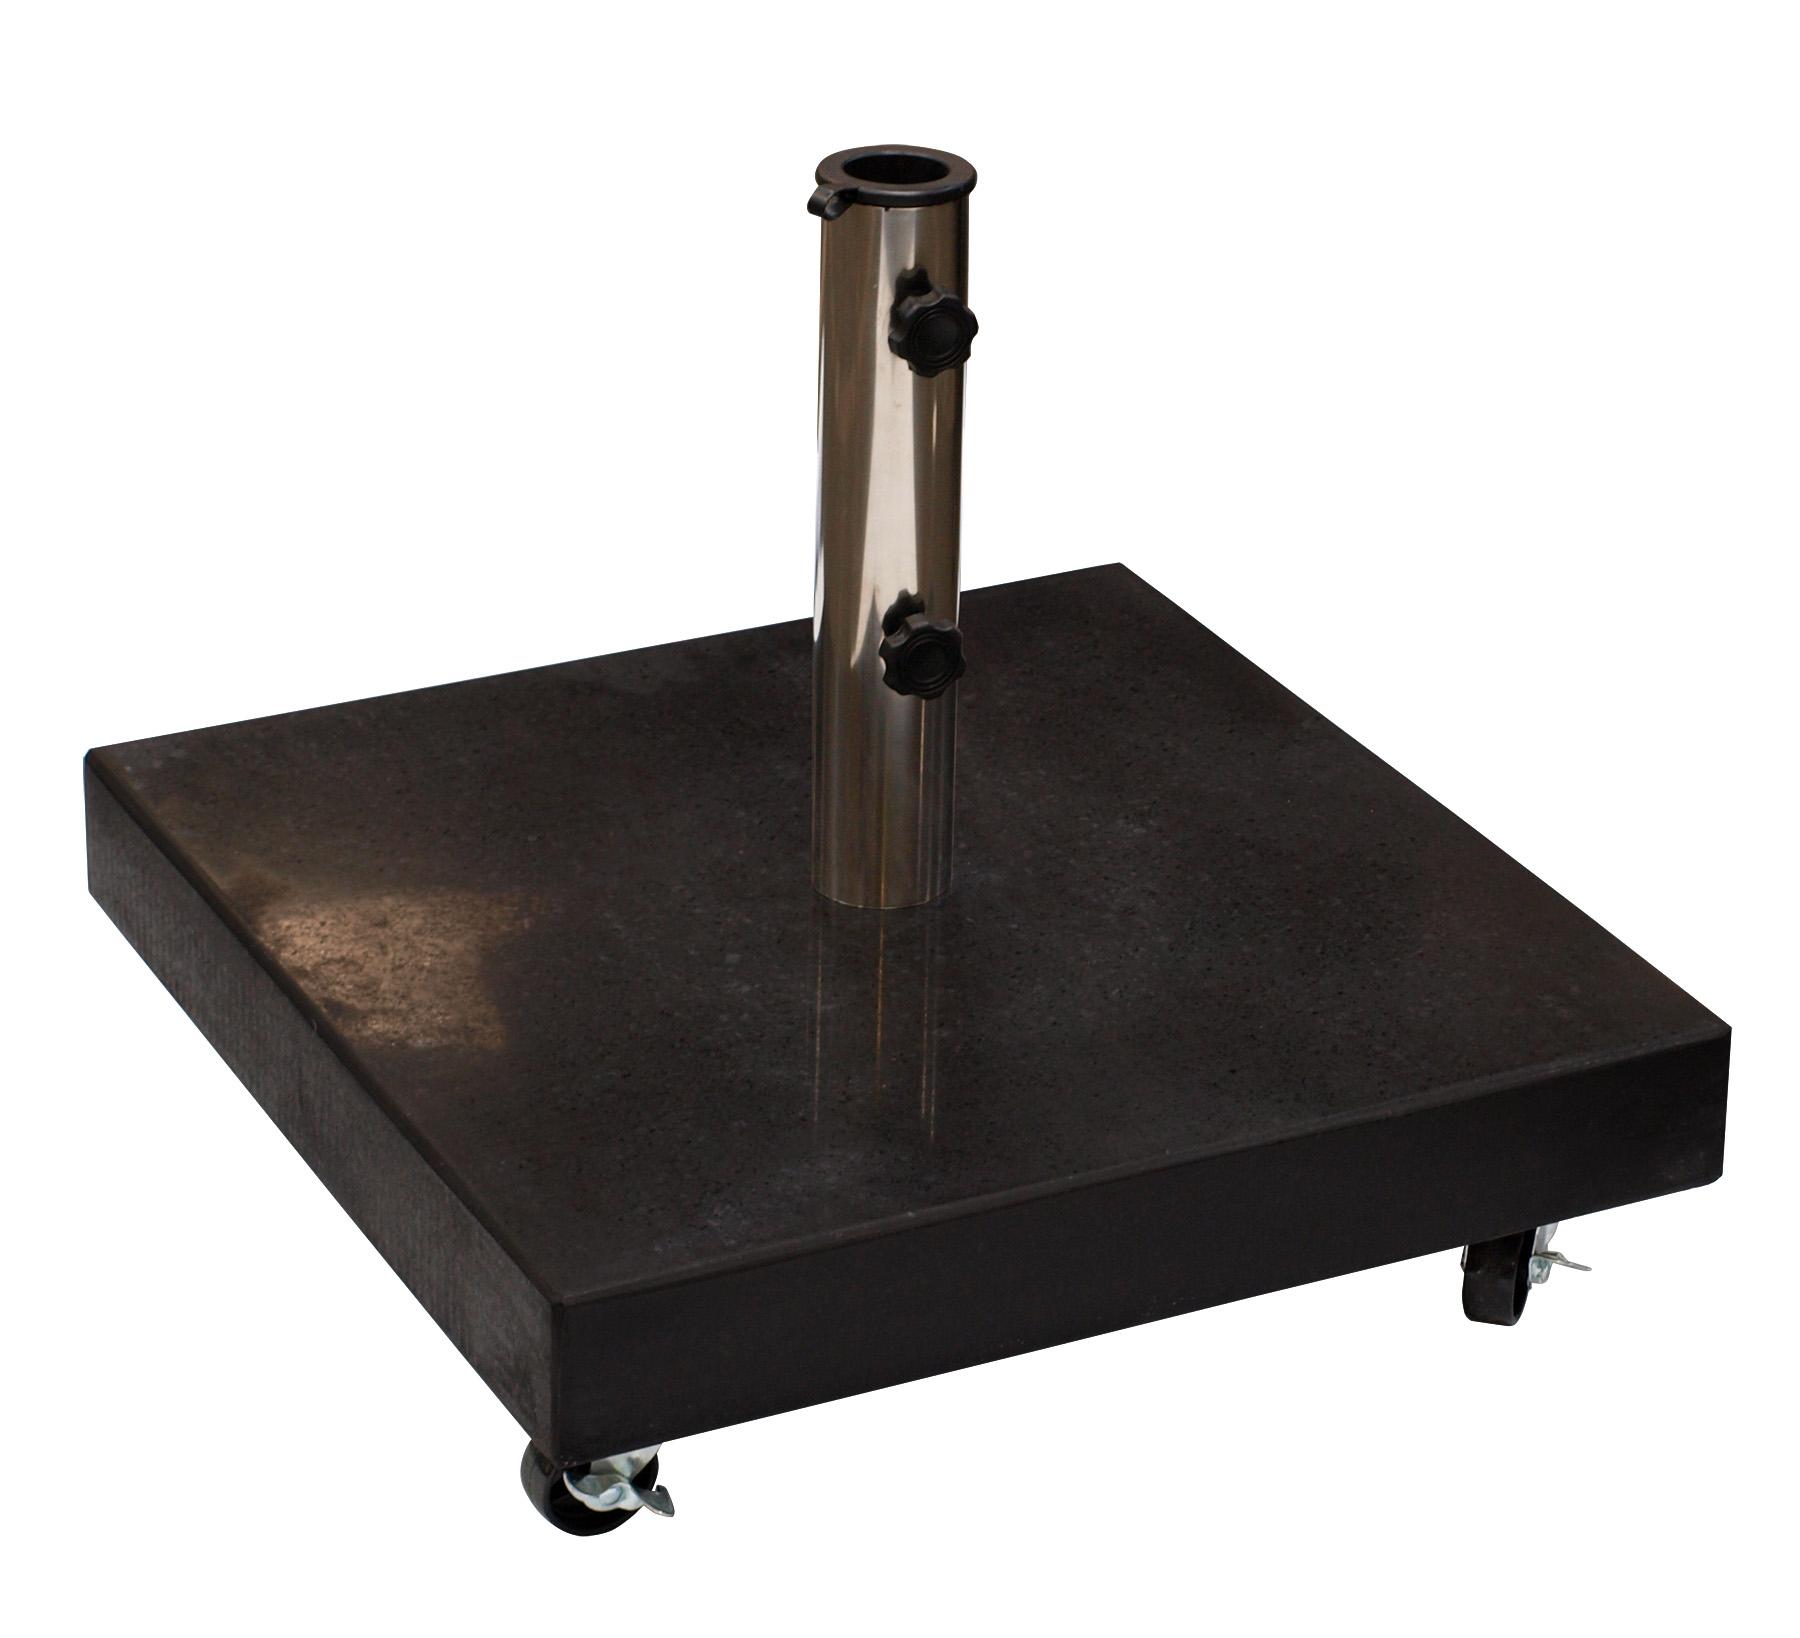 Schirmständer 50kg eckig, Granit schwarz, mit Rollen